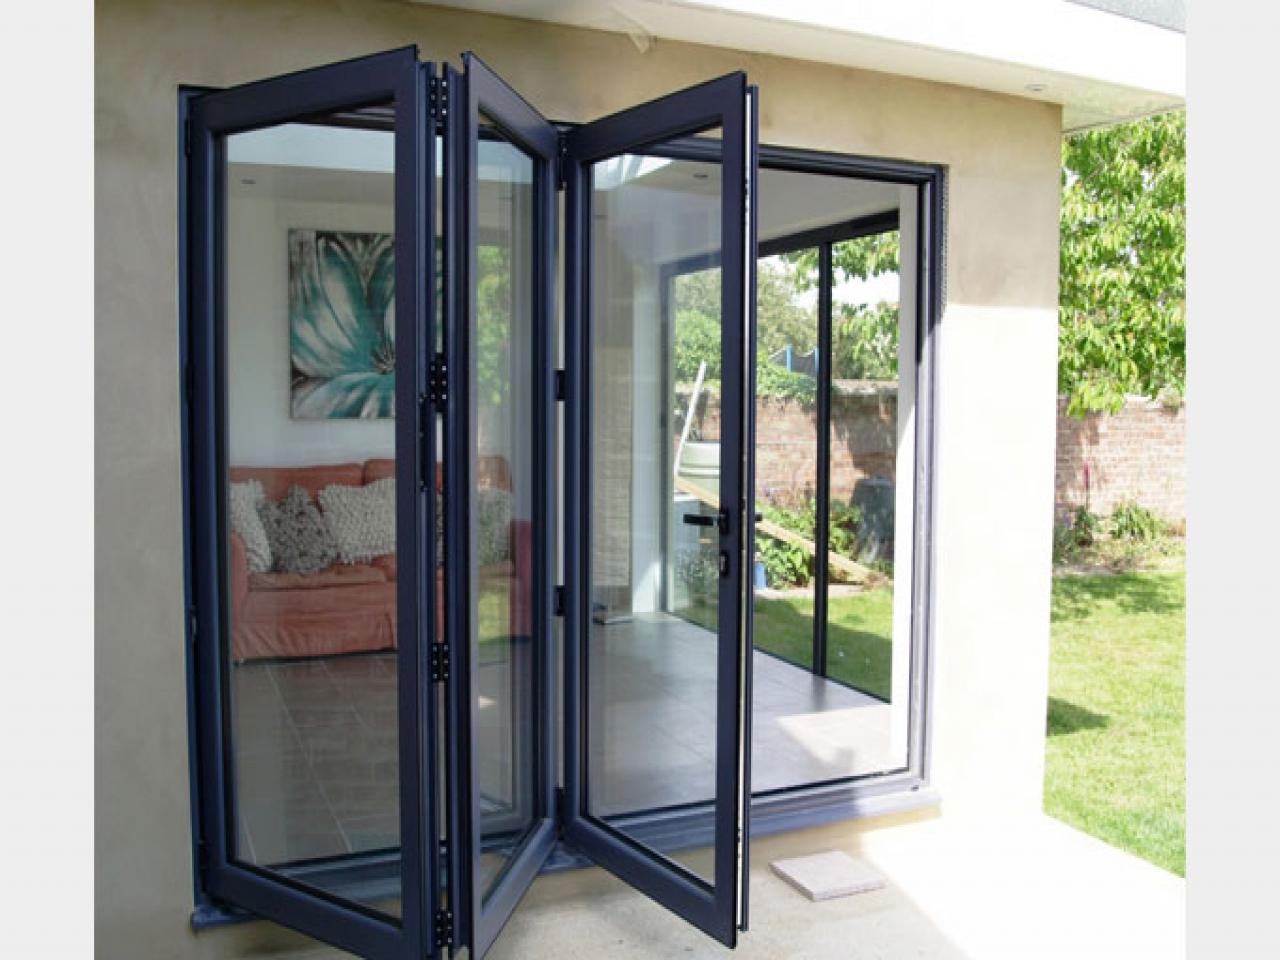 Residential Windows & Doors